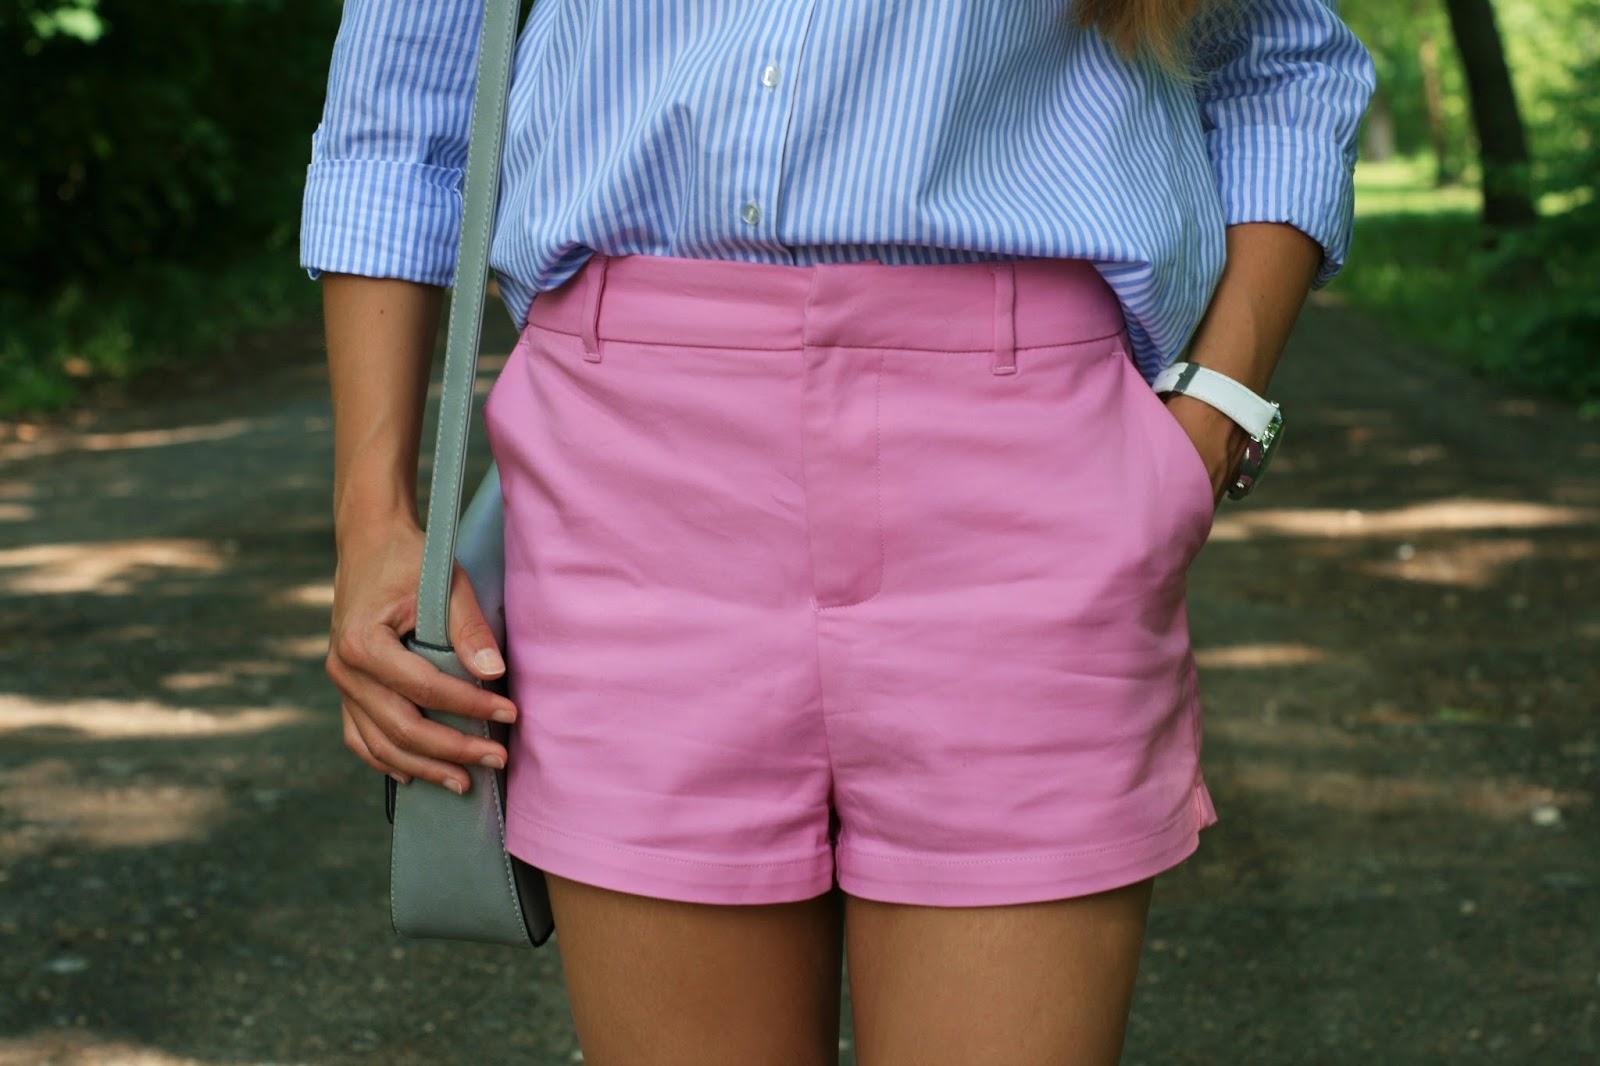 Candy shorts & striped shirt | Szorty w cukierkowym kolorze i koszula w paski